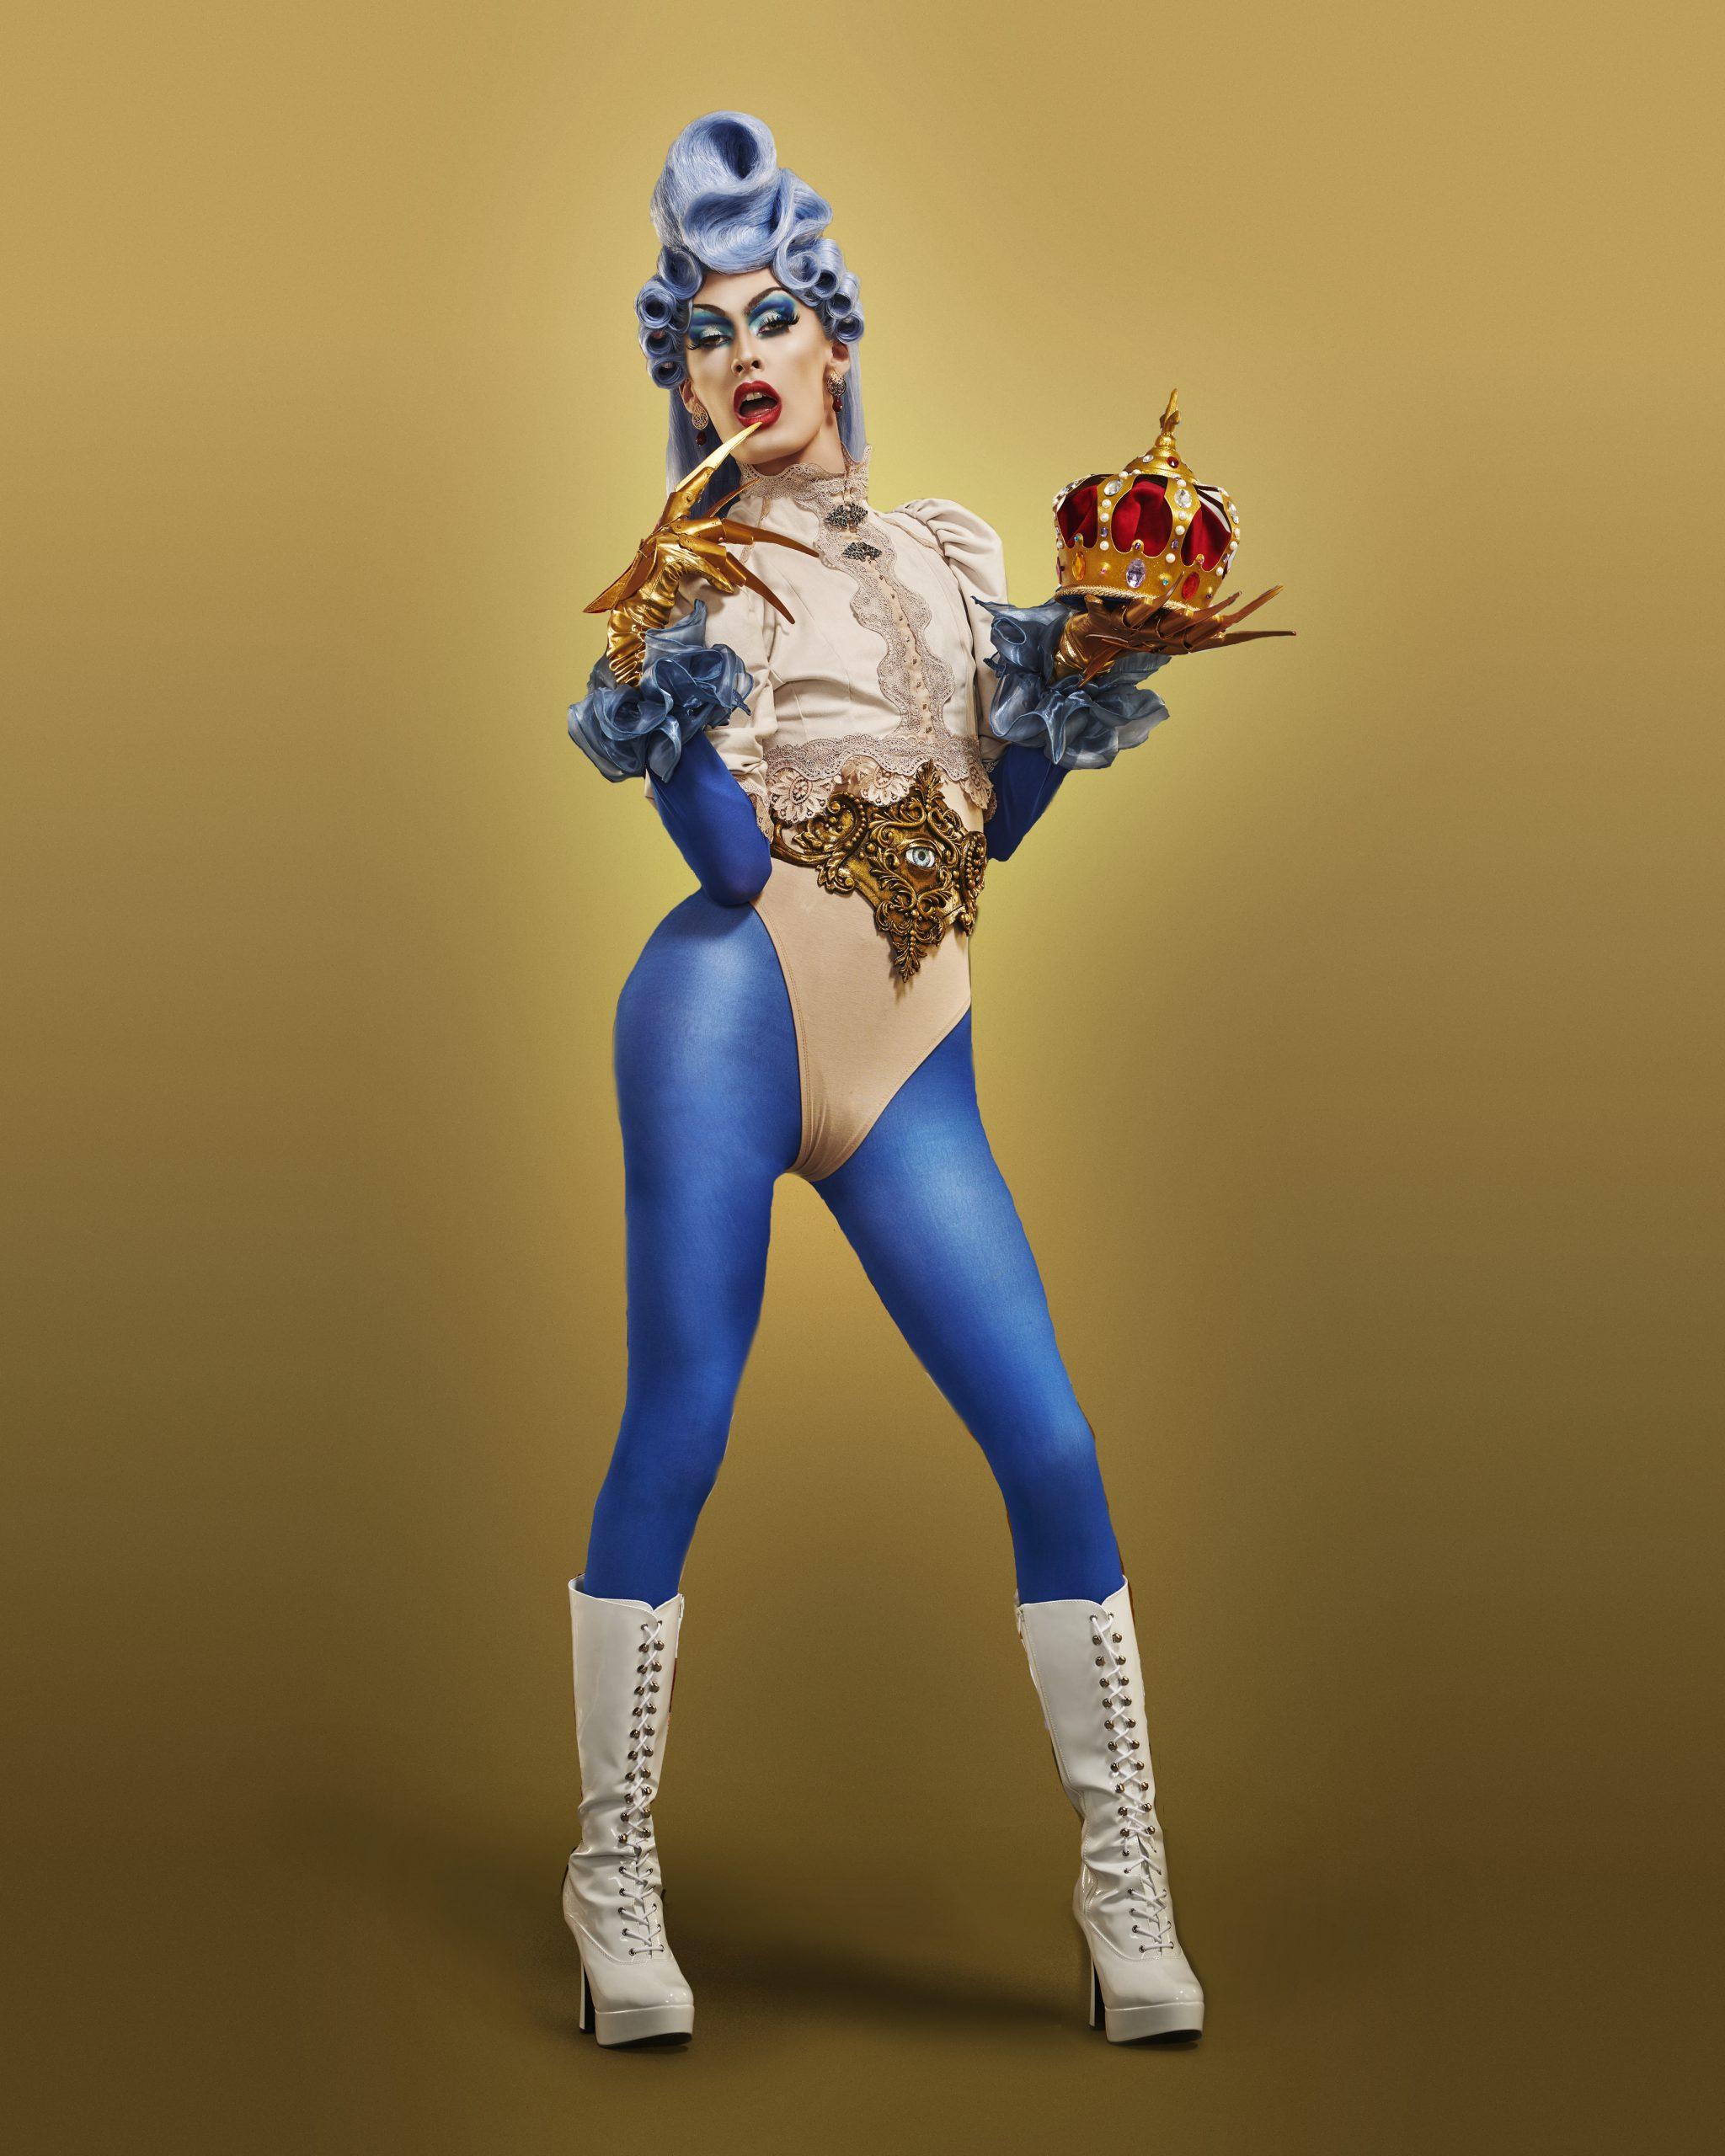 Roem Roemservice Drag Queen Dragqueen boeken boeking booking